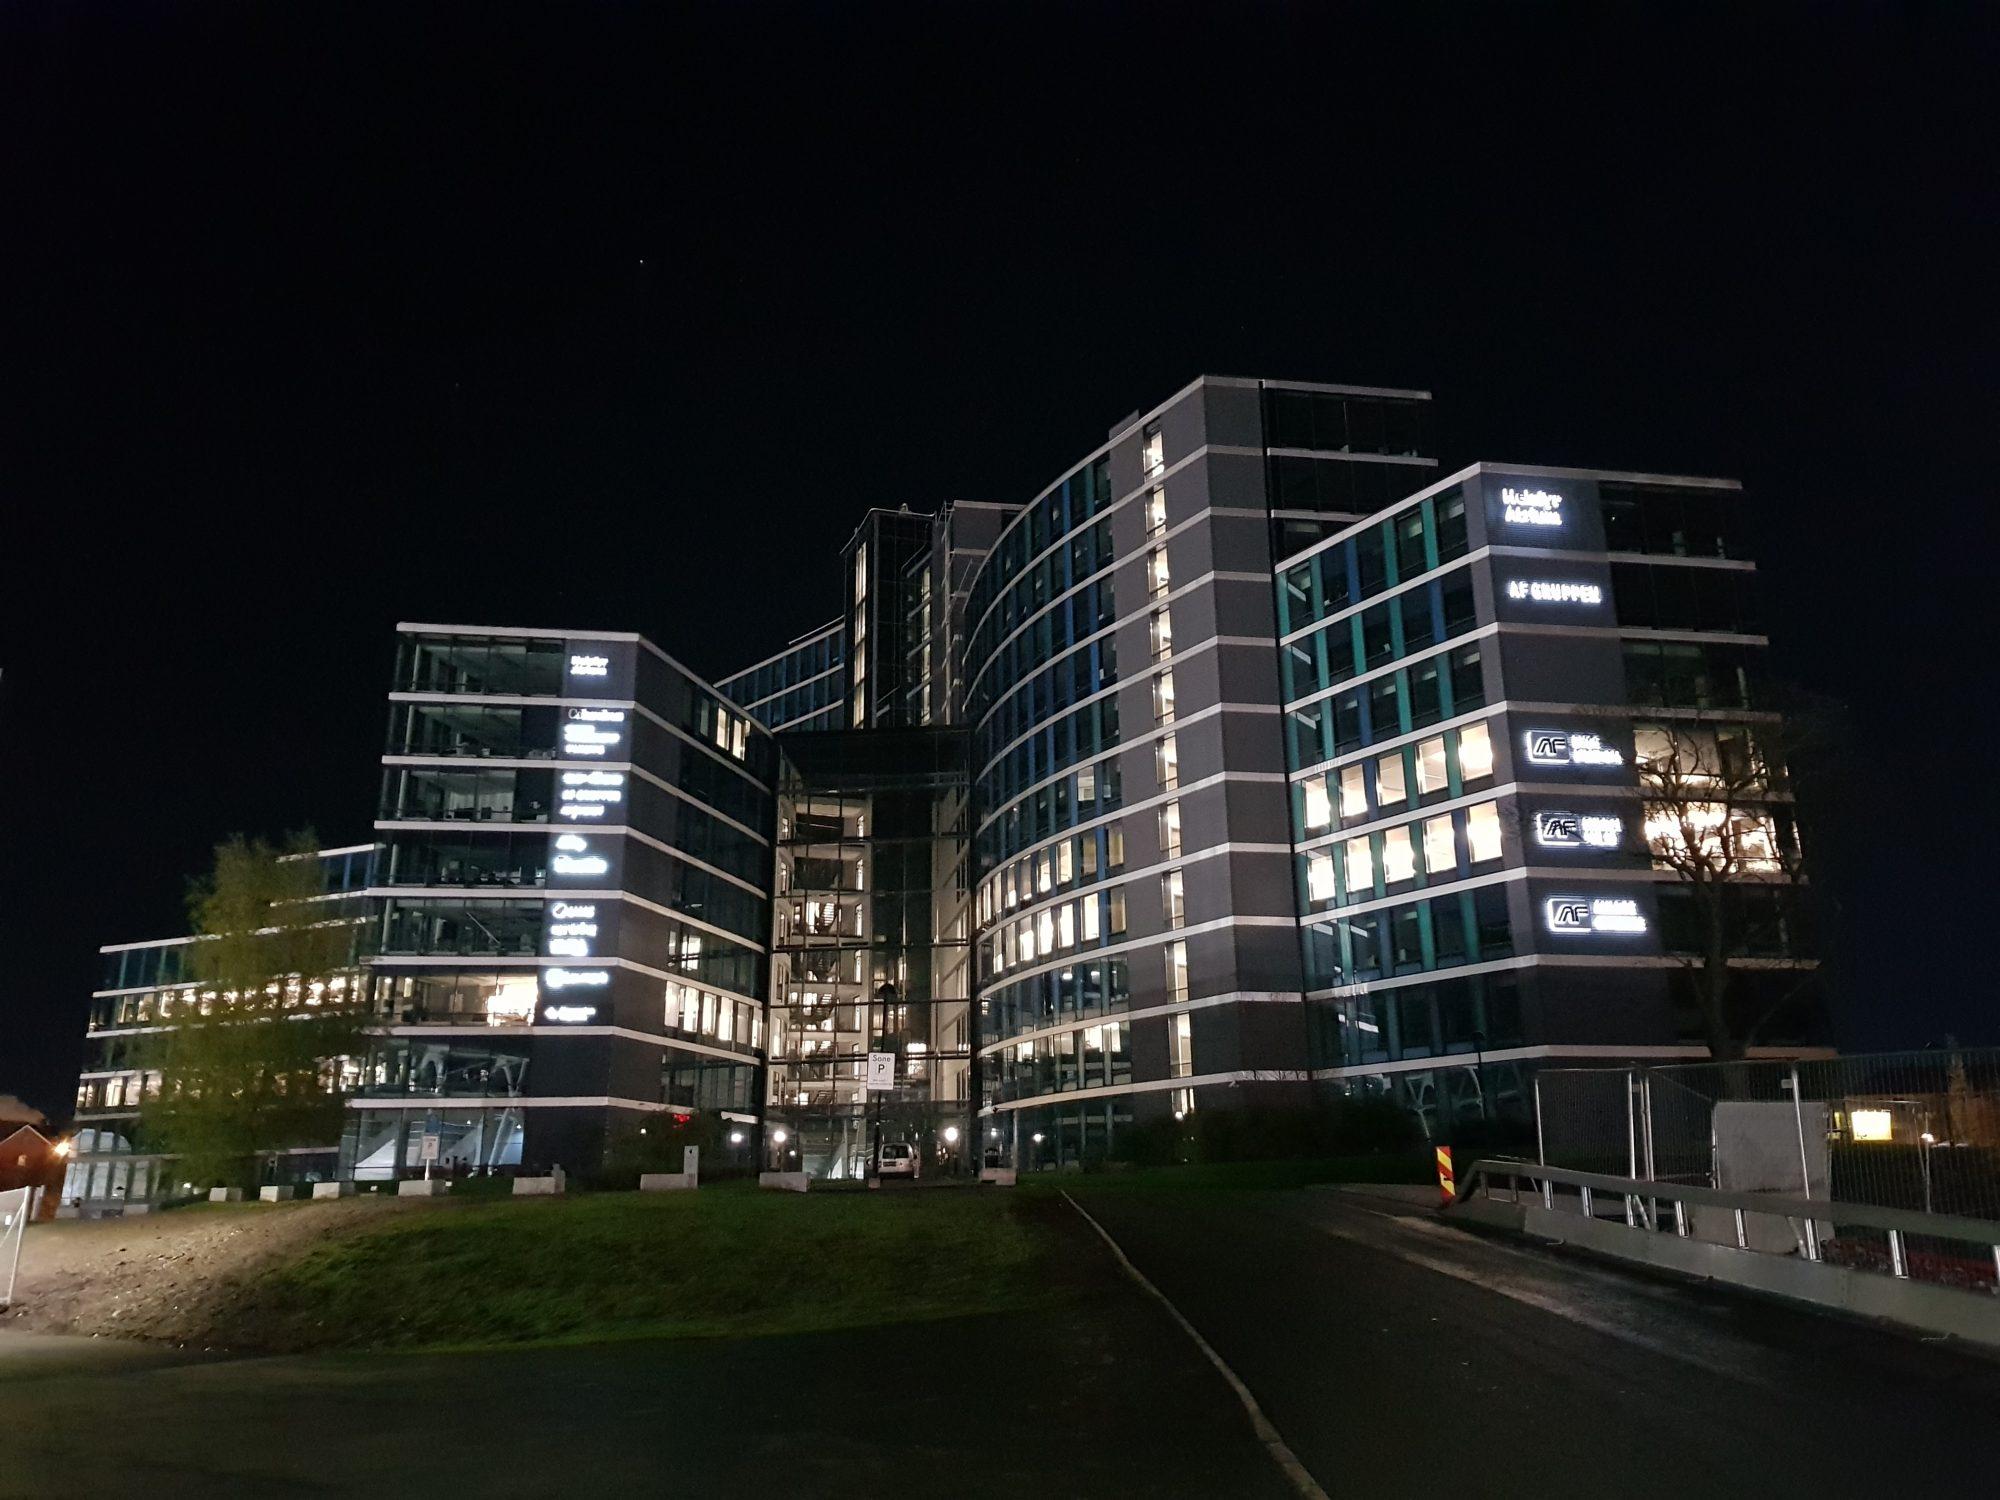 Helsfyr Atrium by night